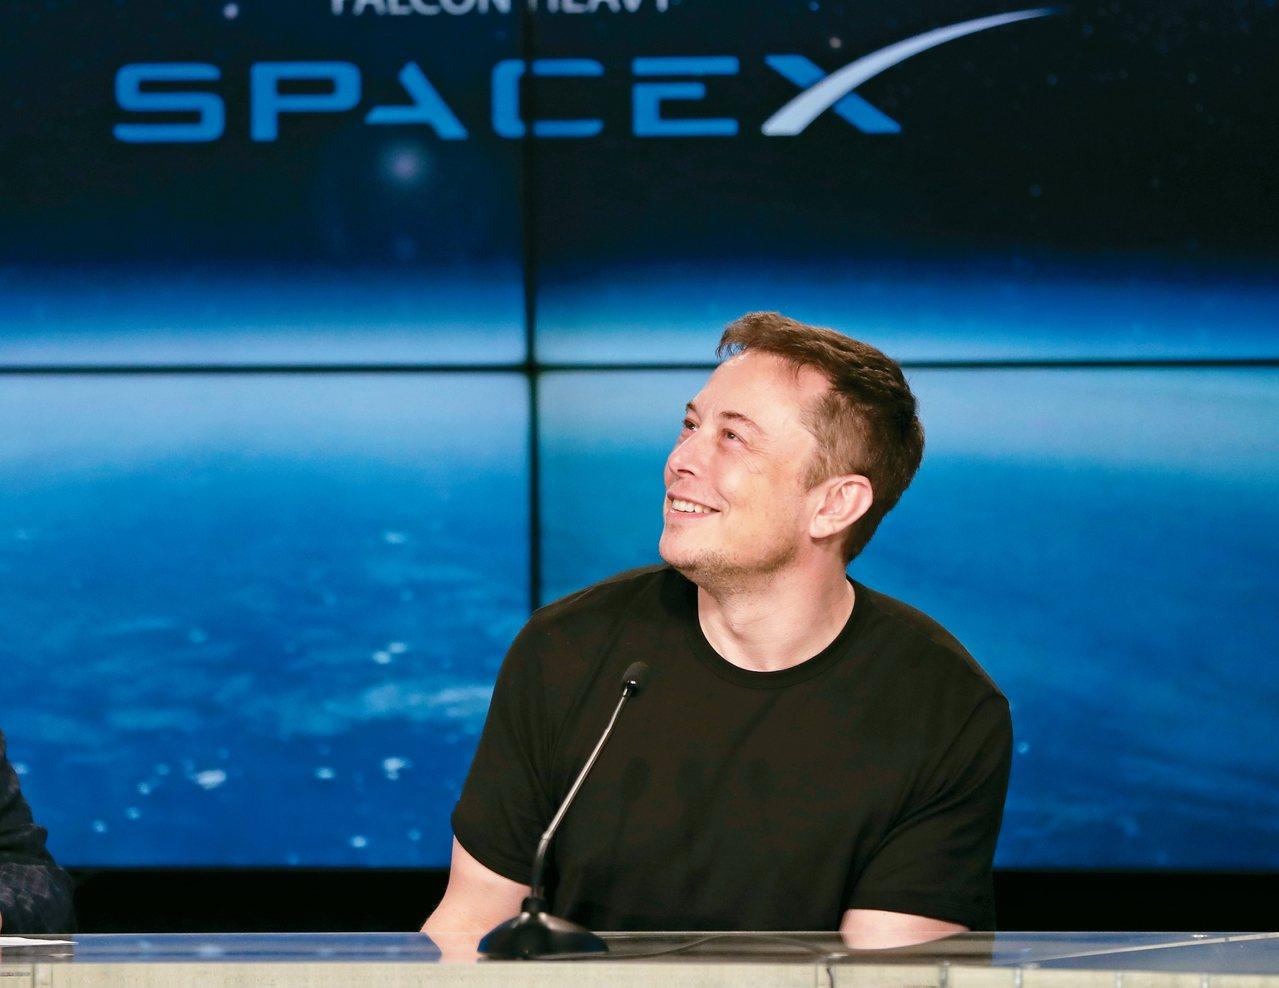 Space X獵鷹重型火箭發射成功,老闆馬斯克神情愉快。 美聯社